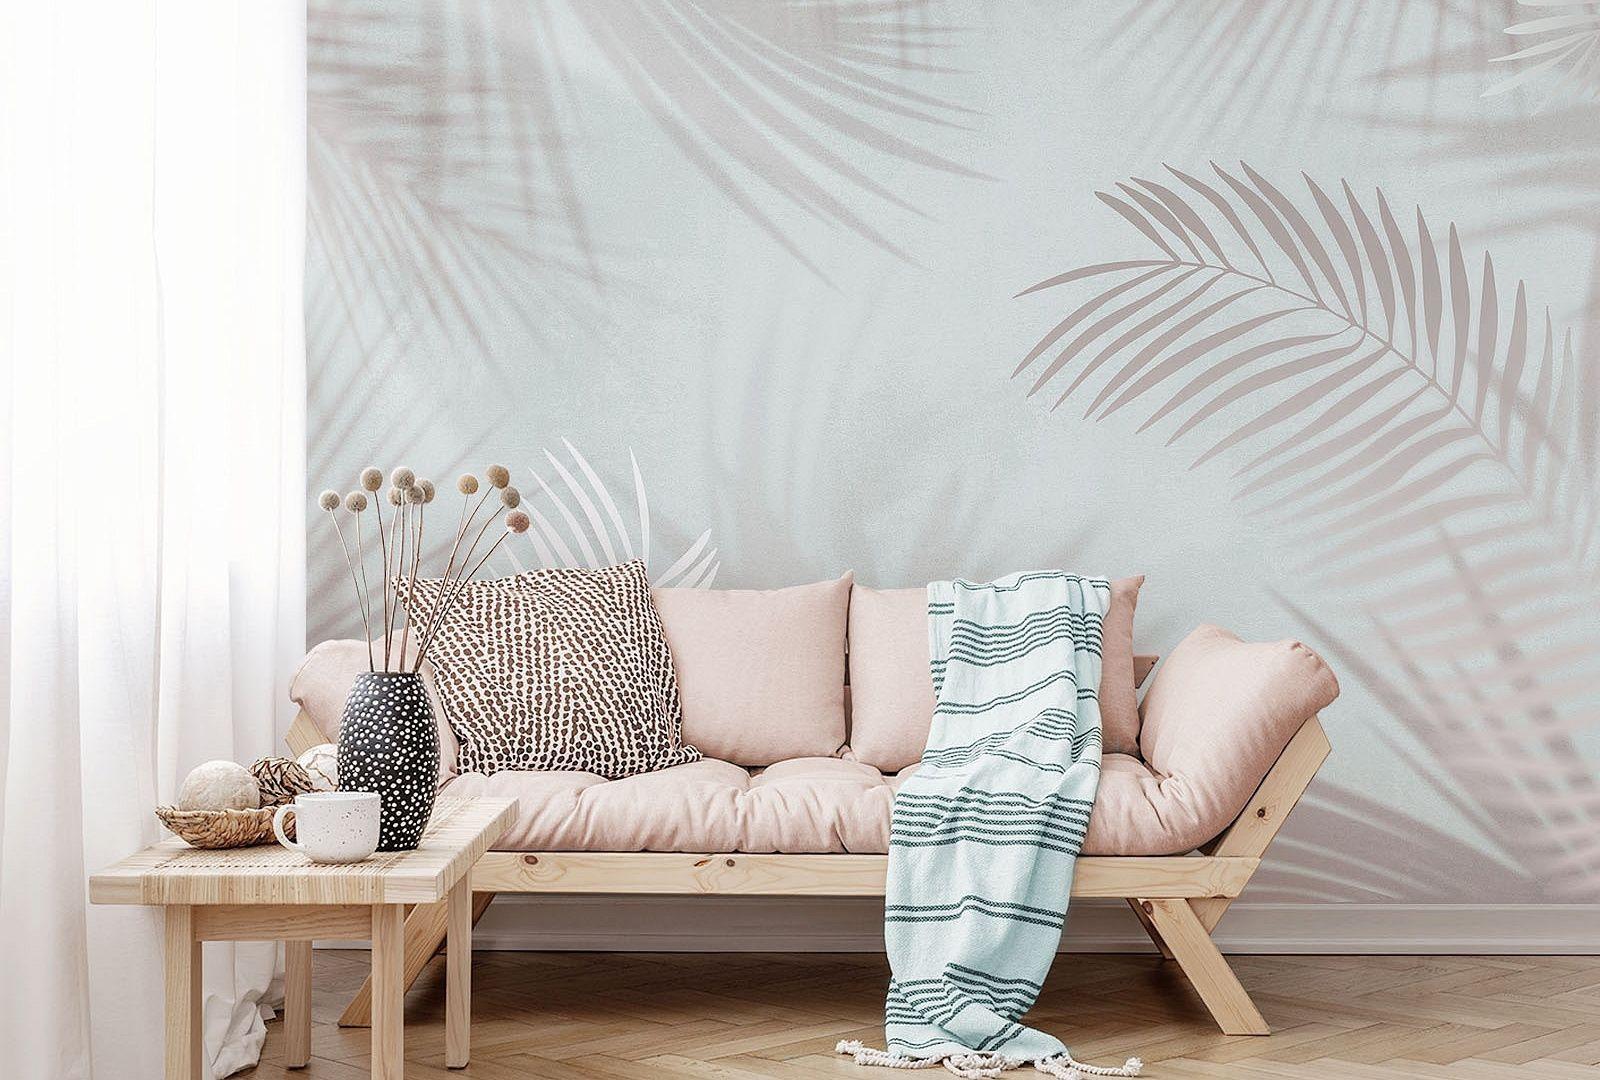 Эко-обои с пальмовыми листьями | Идеи домашнего декора, Интерьер, Фотообои